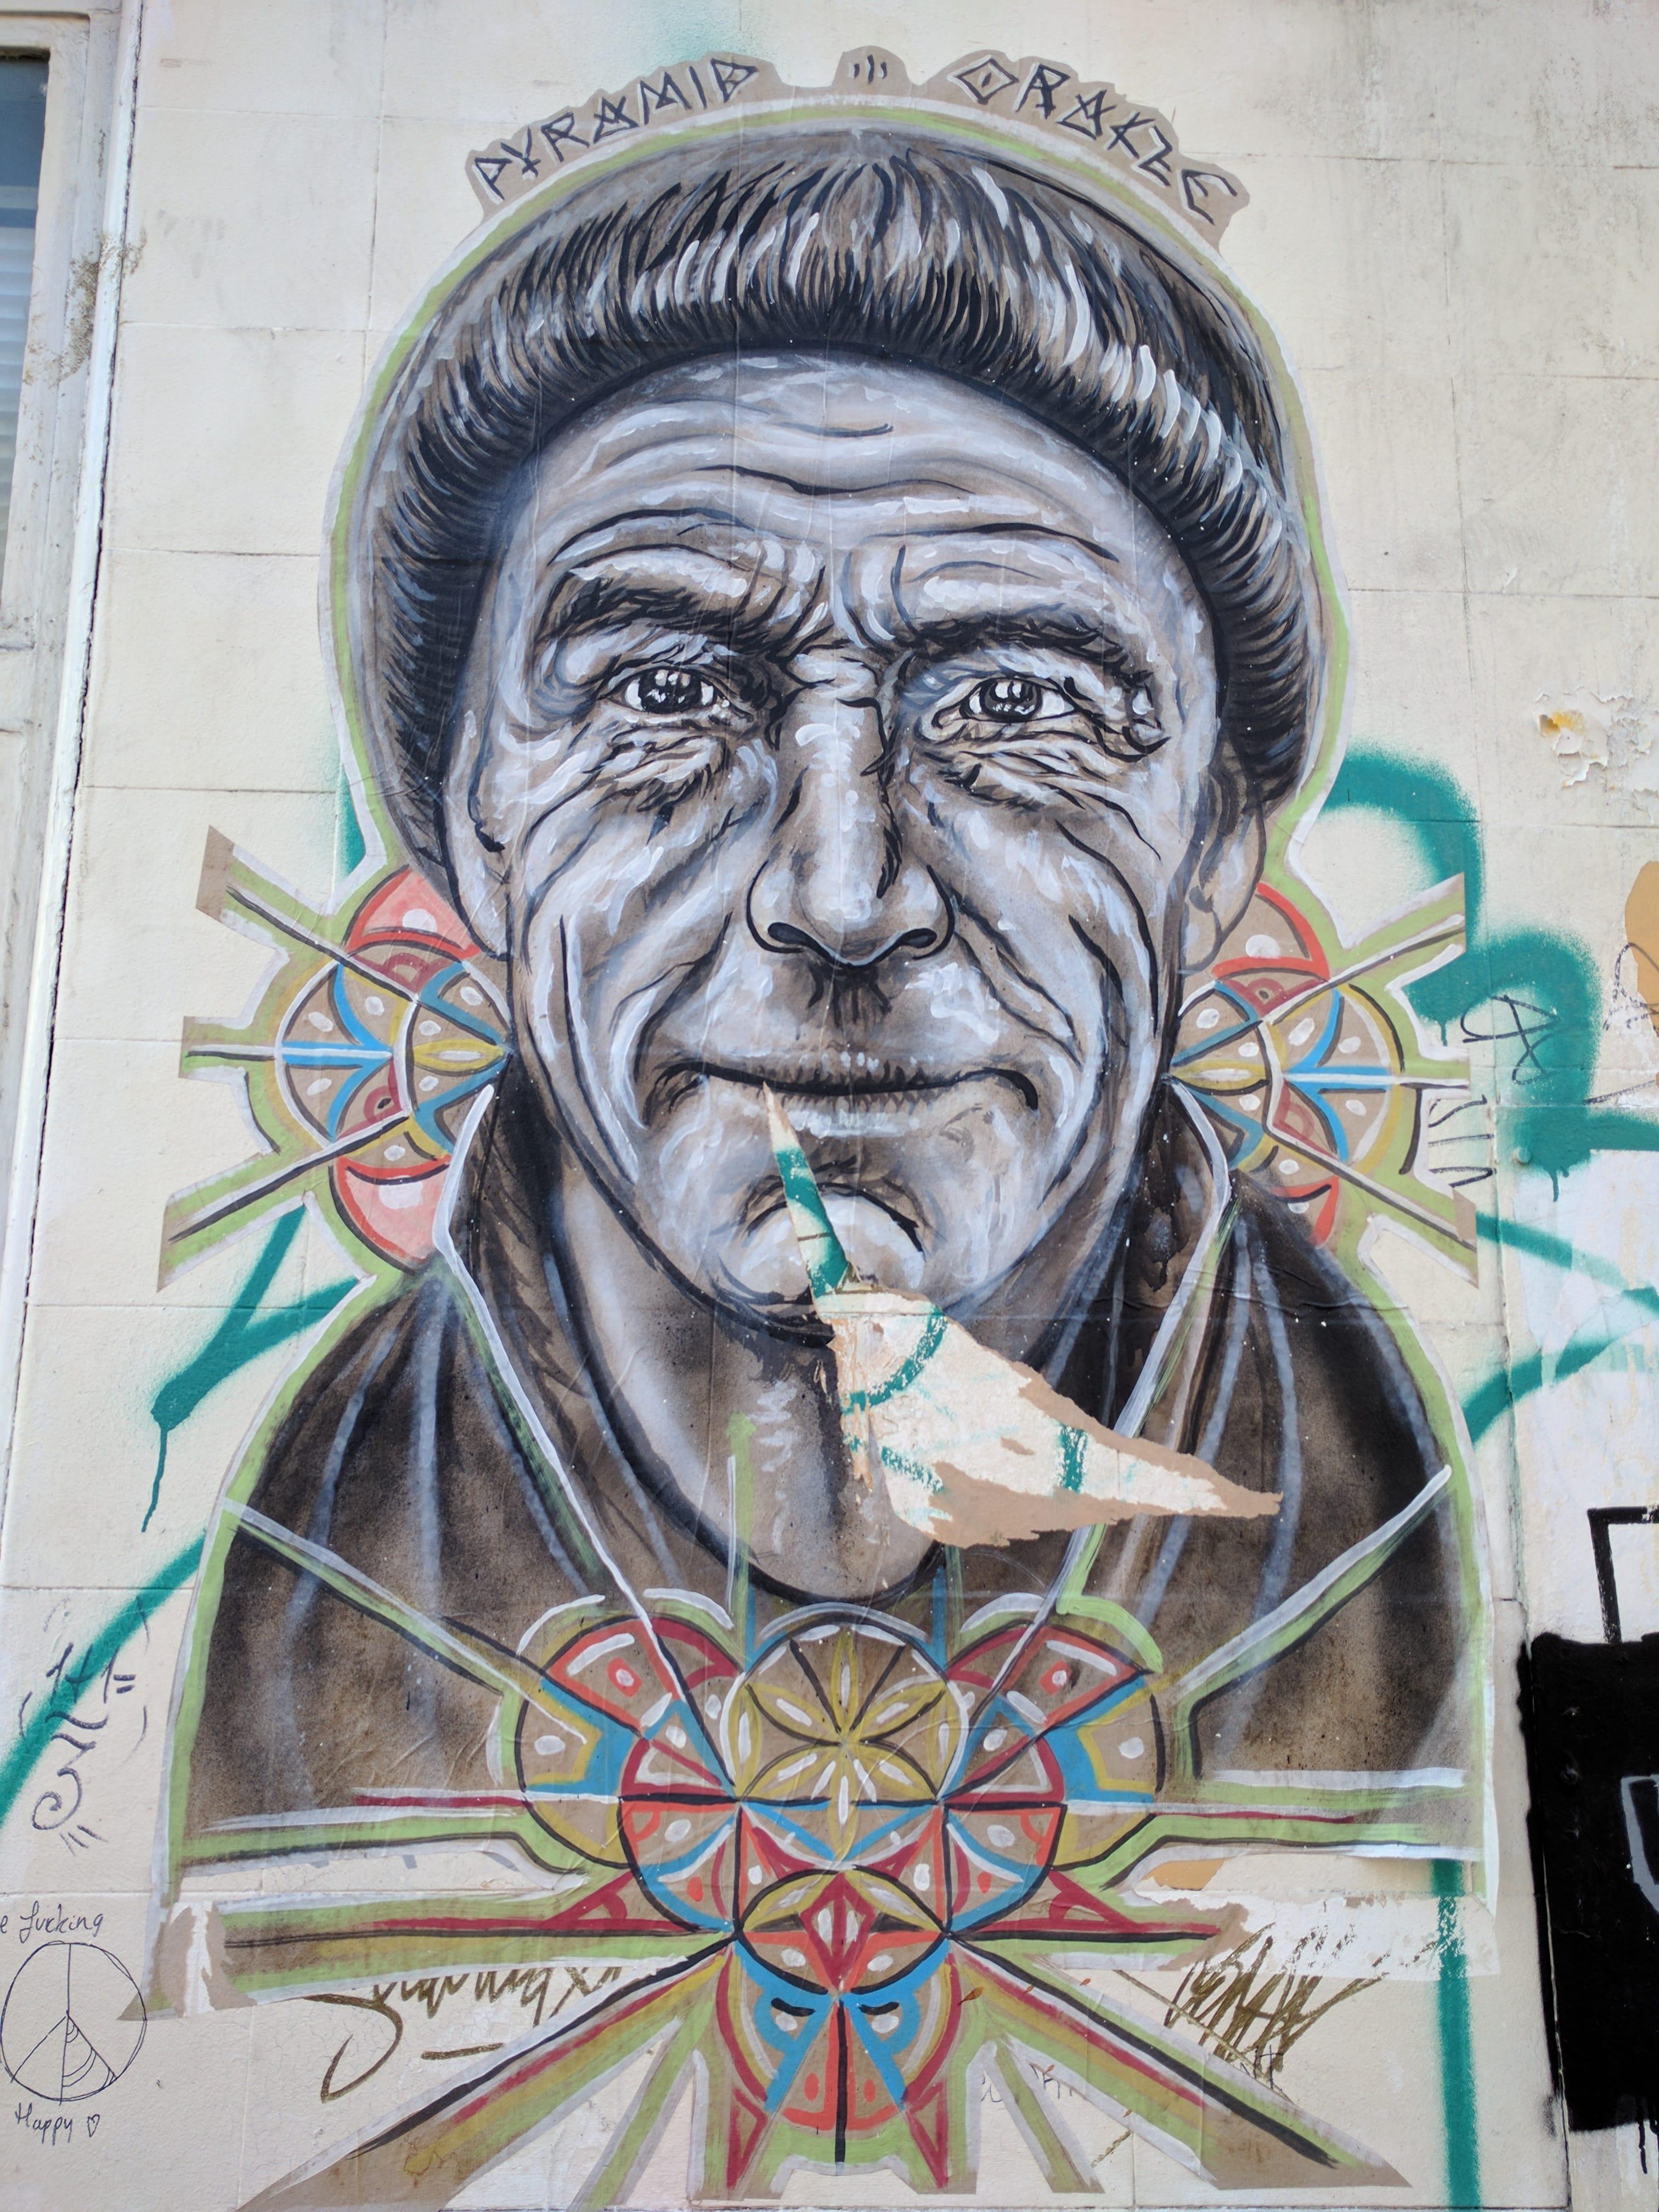 099-graffiti34